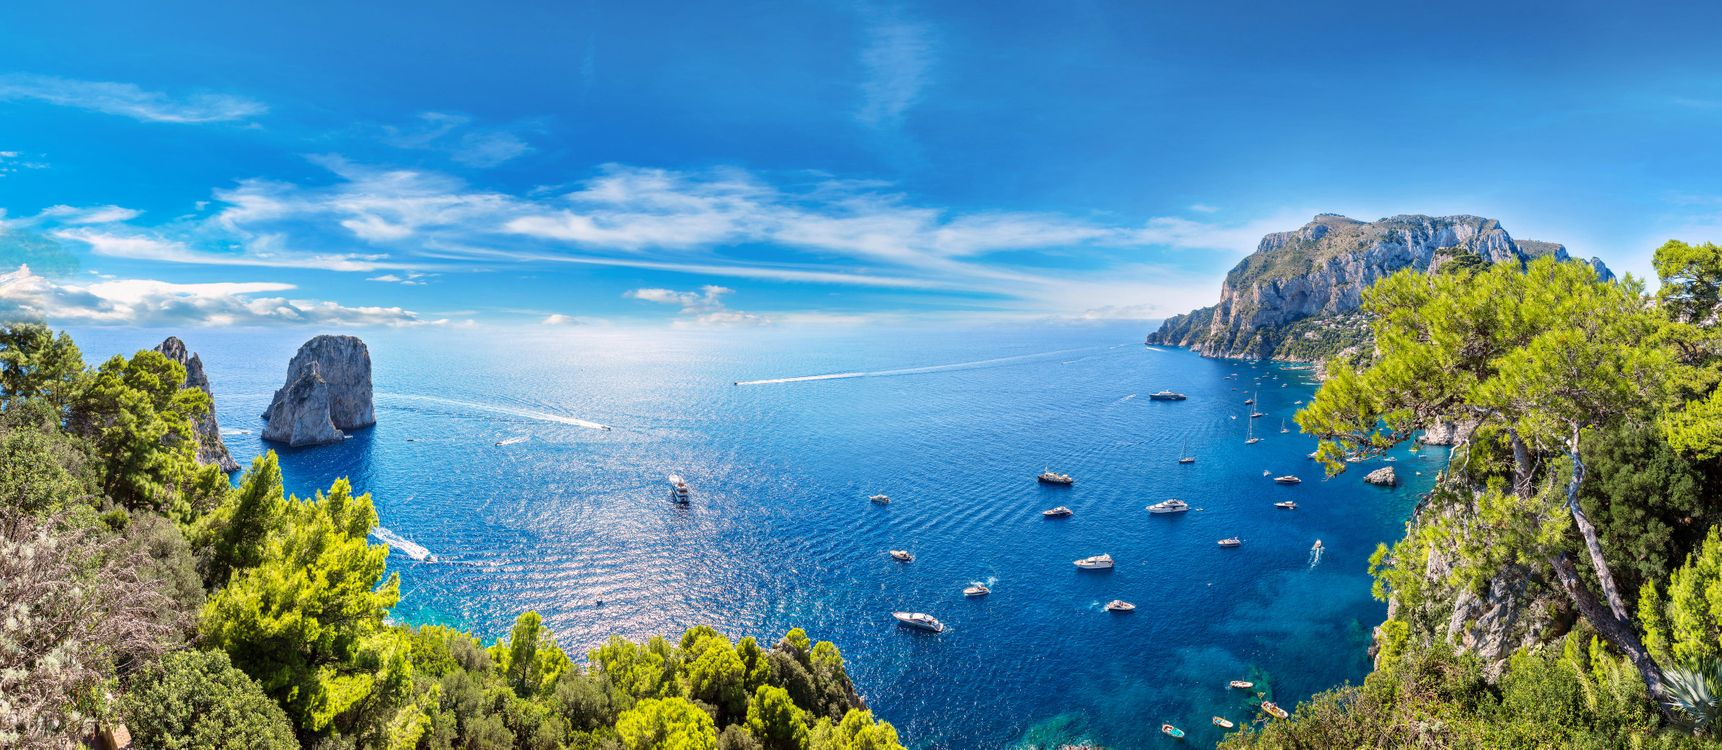 Фото бесплатно море, яхты, острова, пейзажи